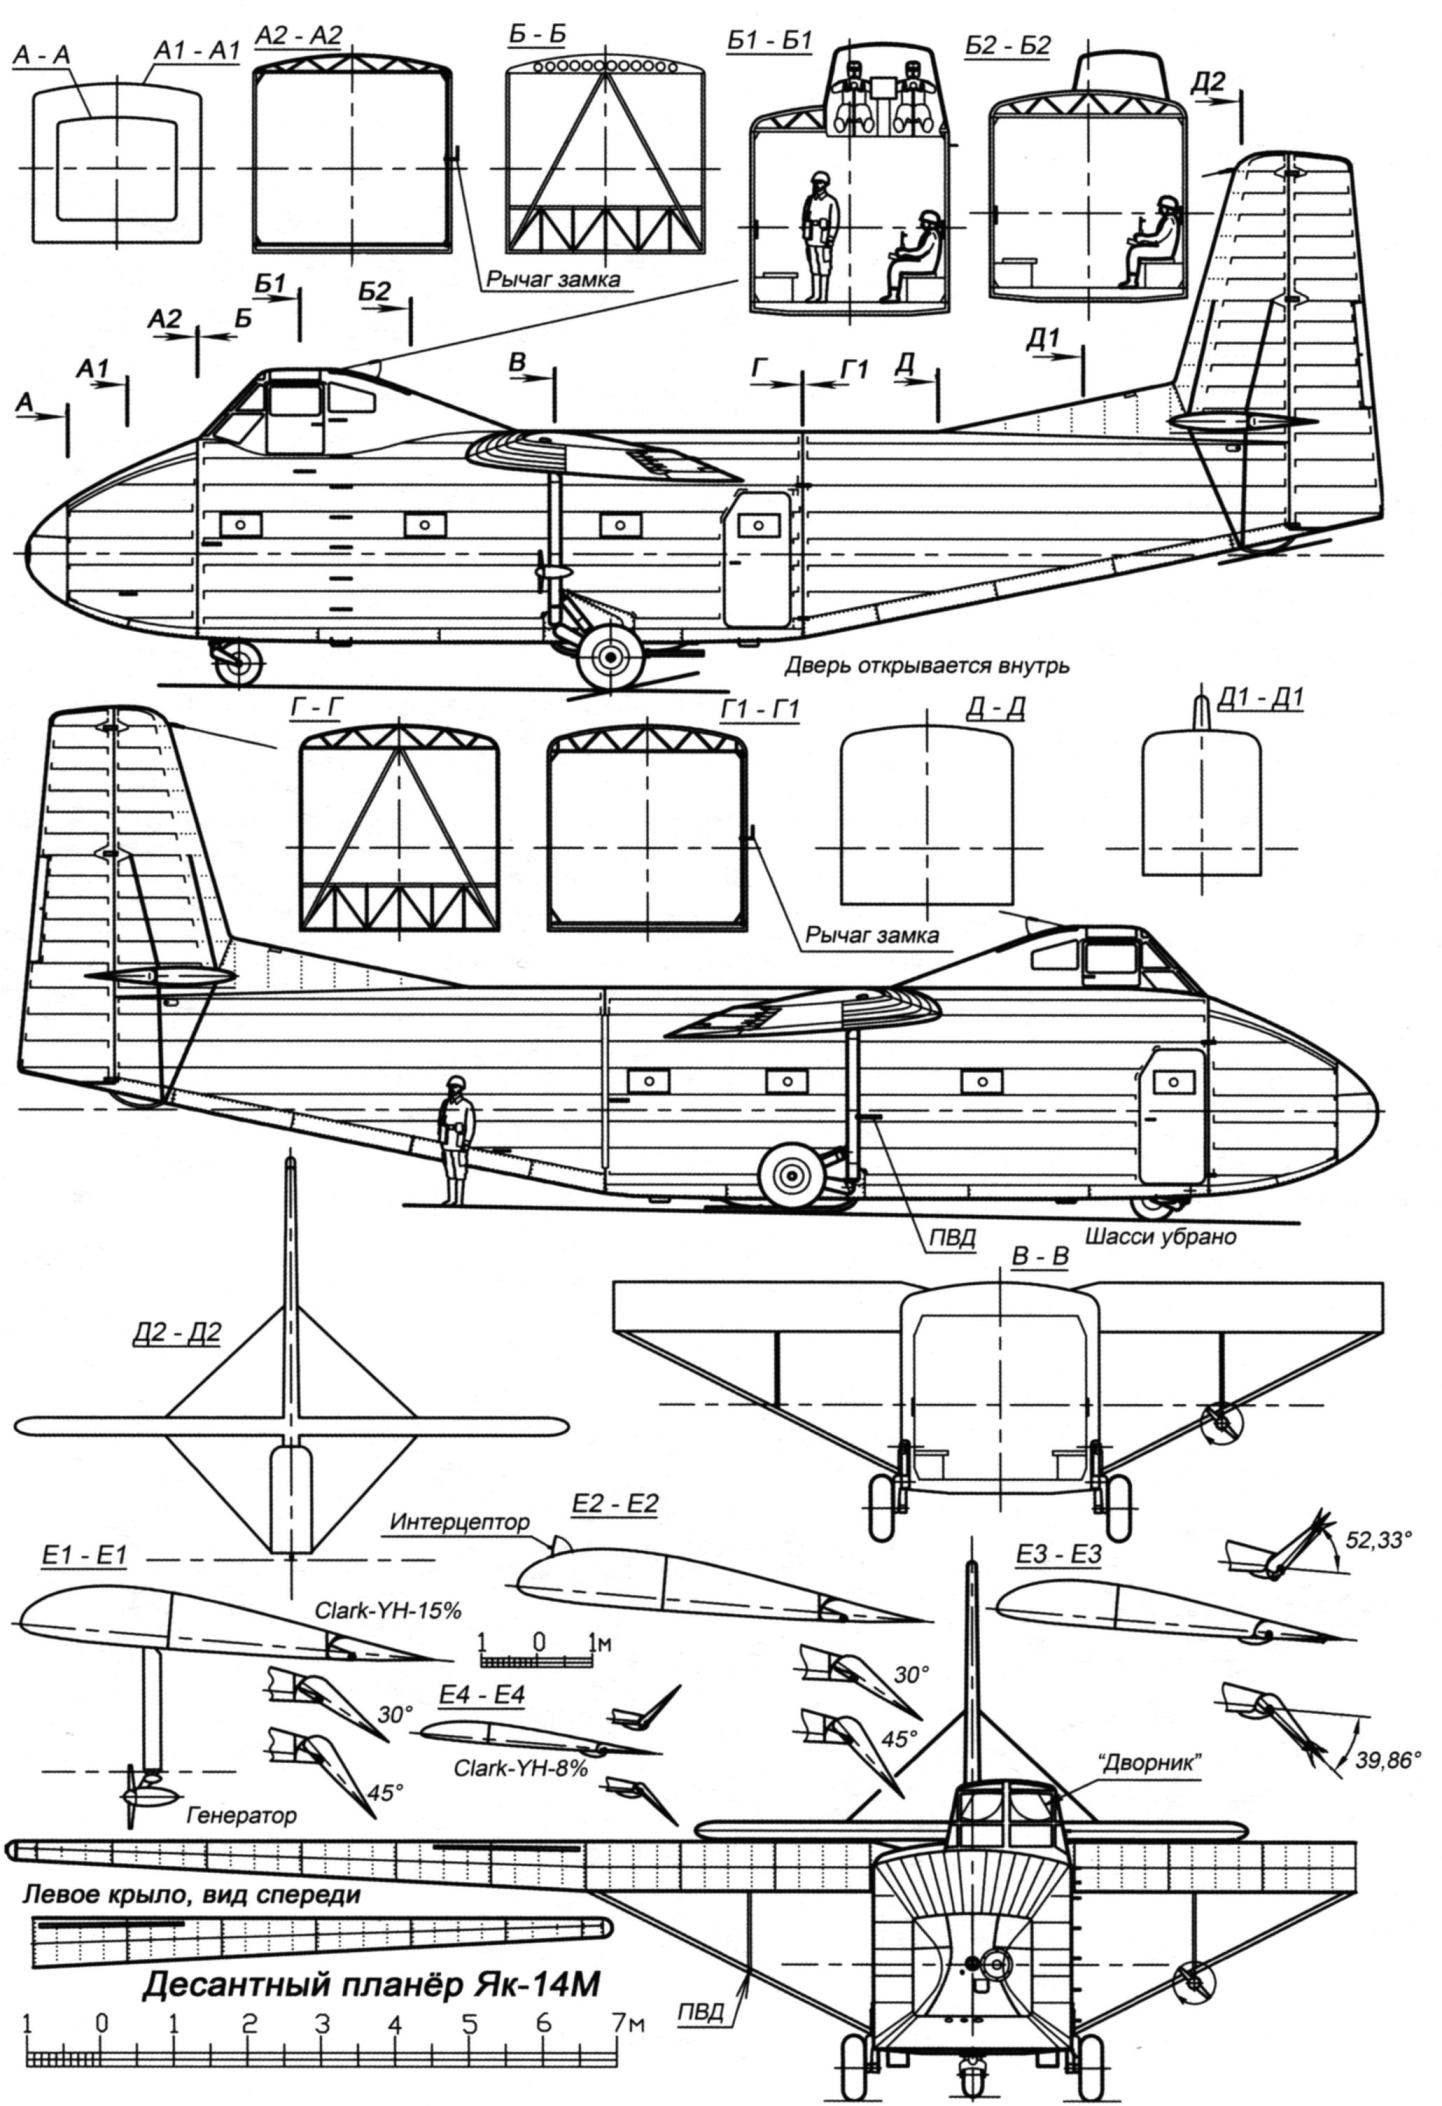 Десантный планёр Як-14М